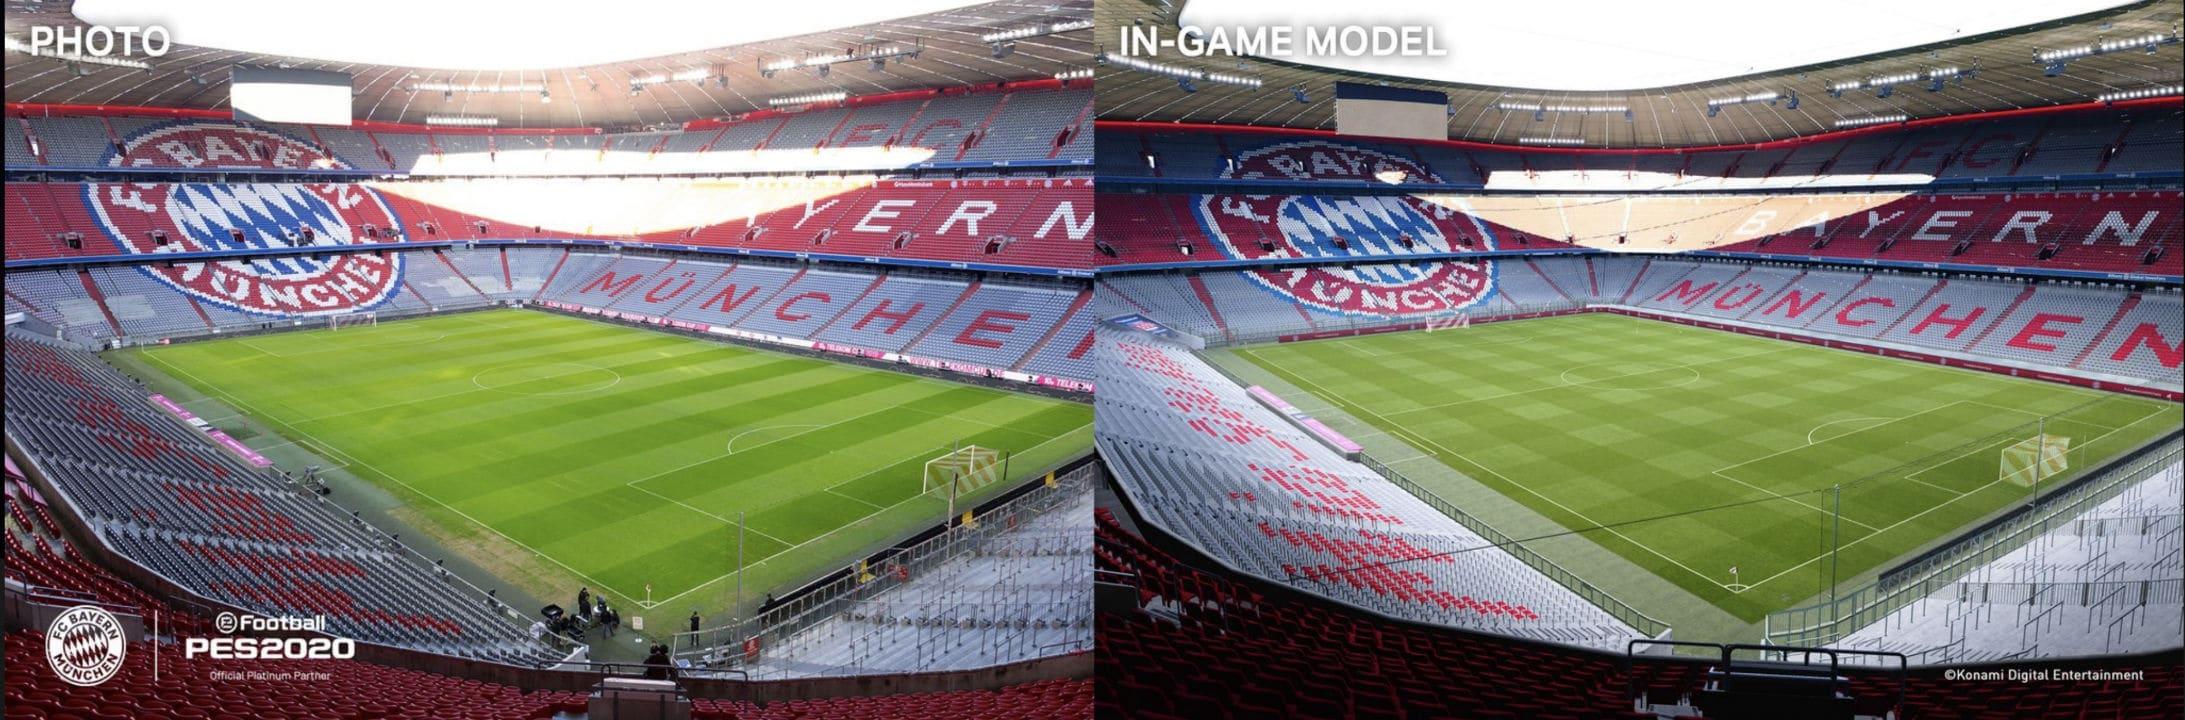 Bayern de Munique no PES 2020: Konami revela parceria oficial com clube 1